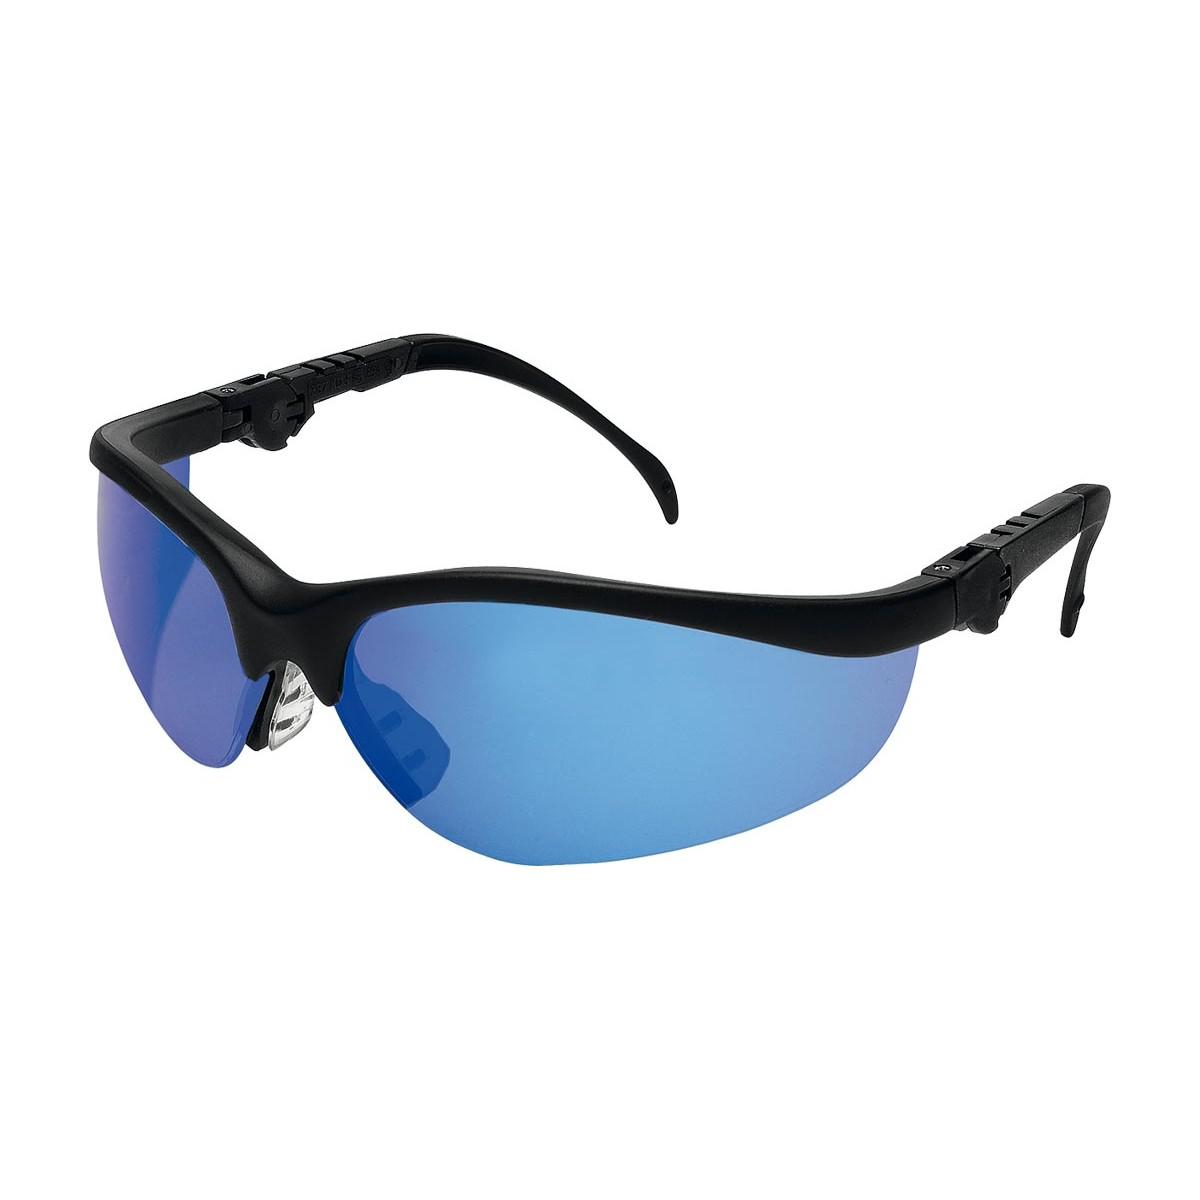 Okulary ochronne przeciwodpryskowe MCR KLONDIKE Plus MNDB niebieskie